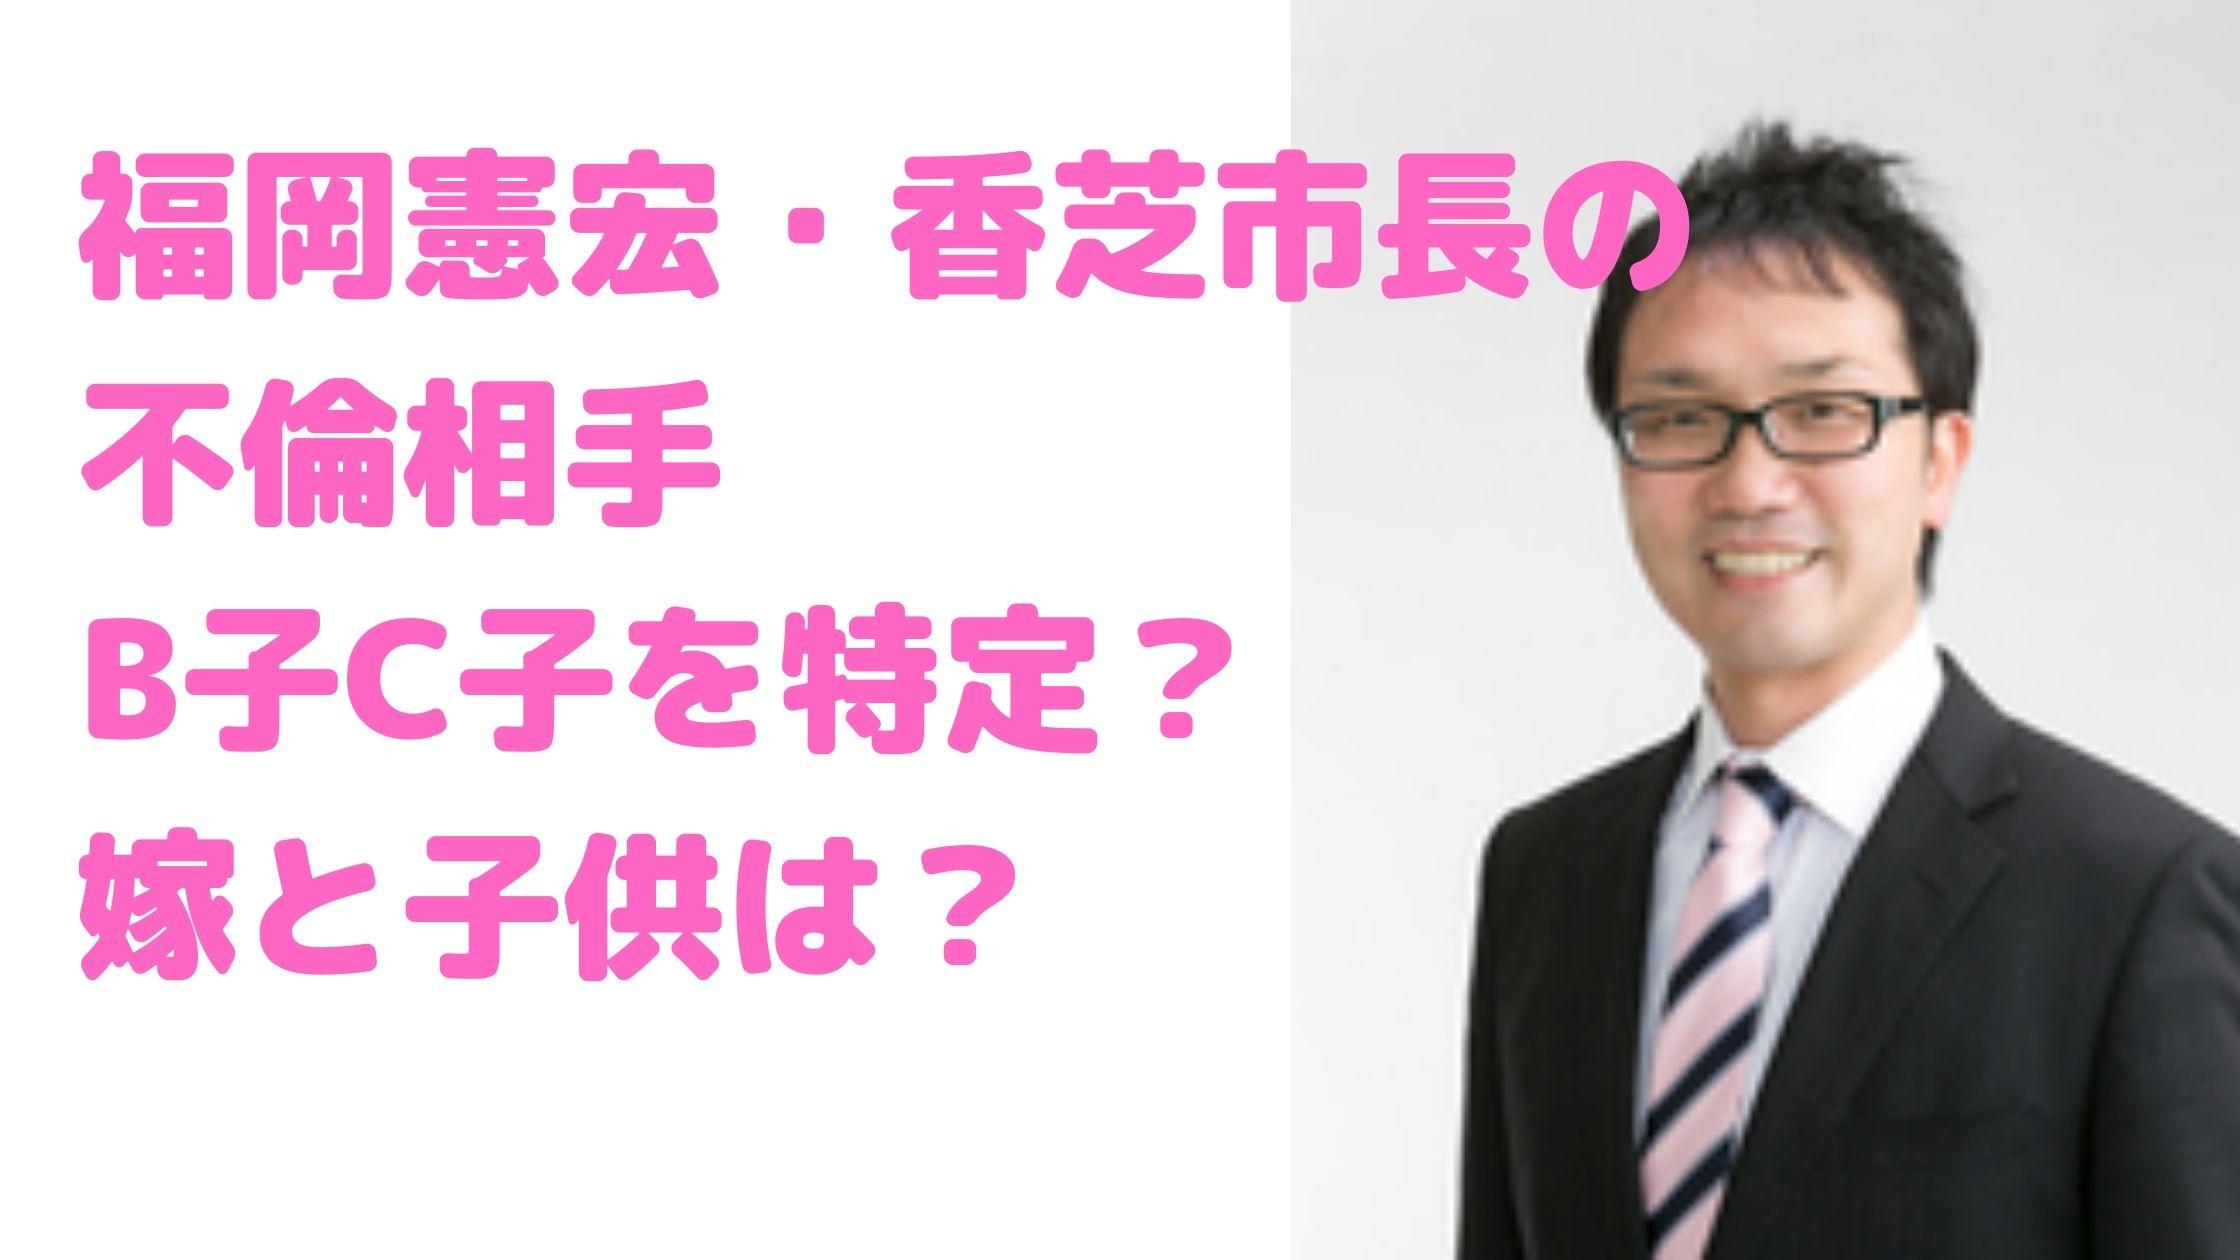 福岡憲宏 香芝市長 結婚 不倫相手 嫁 B子 C子 子供